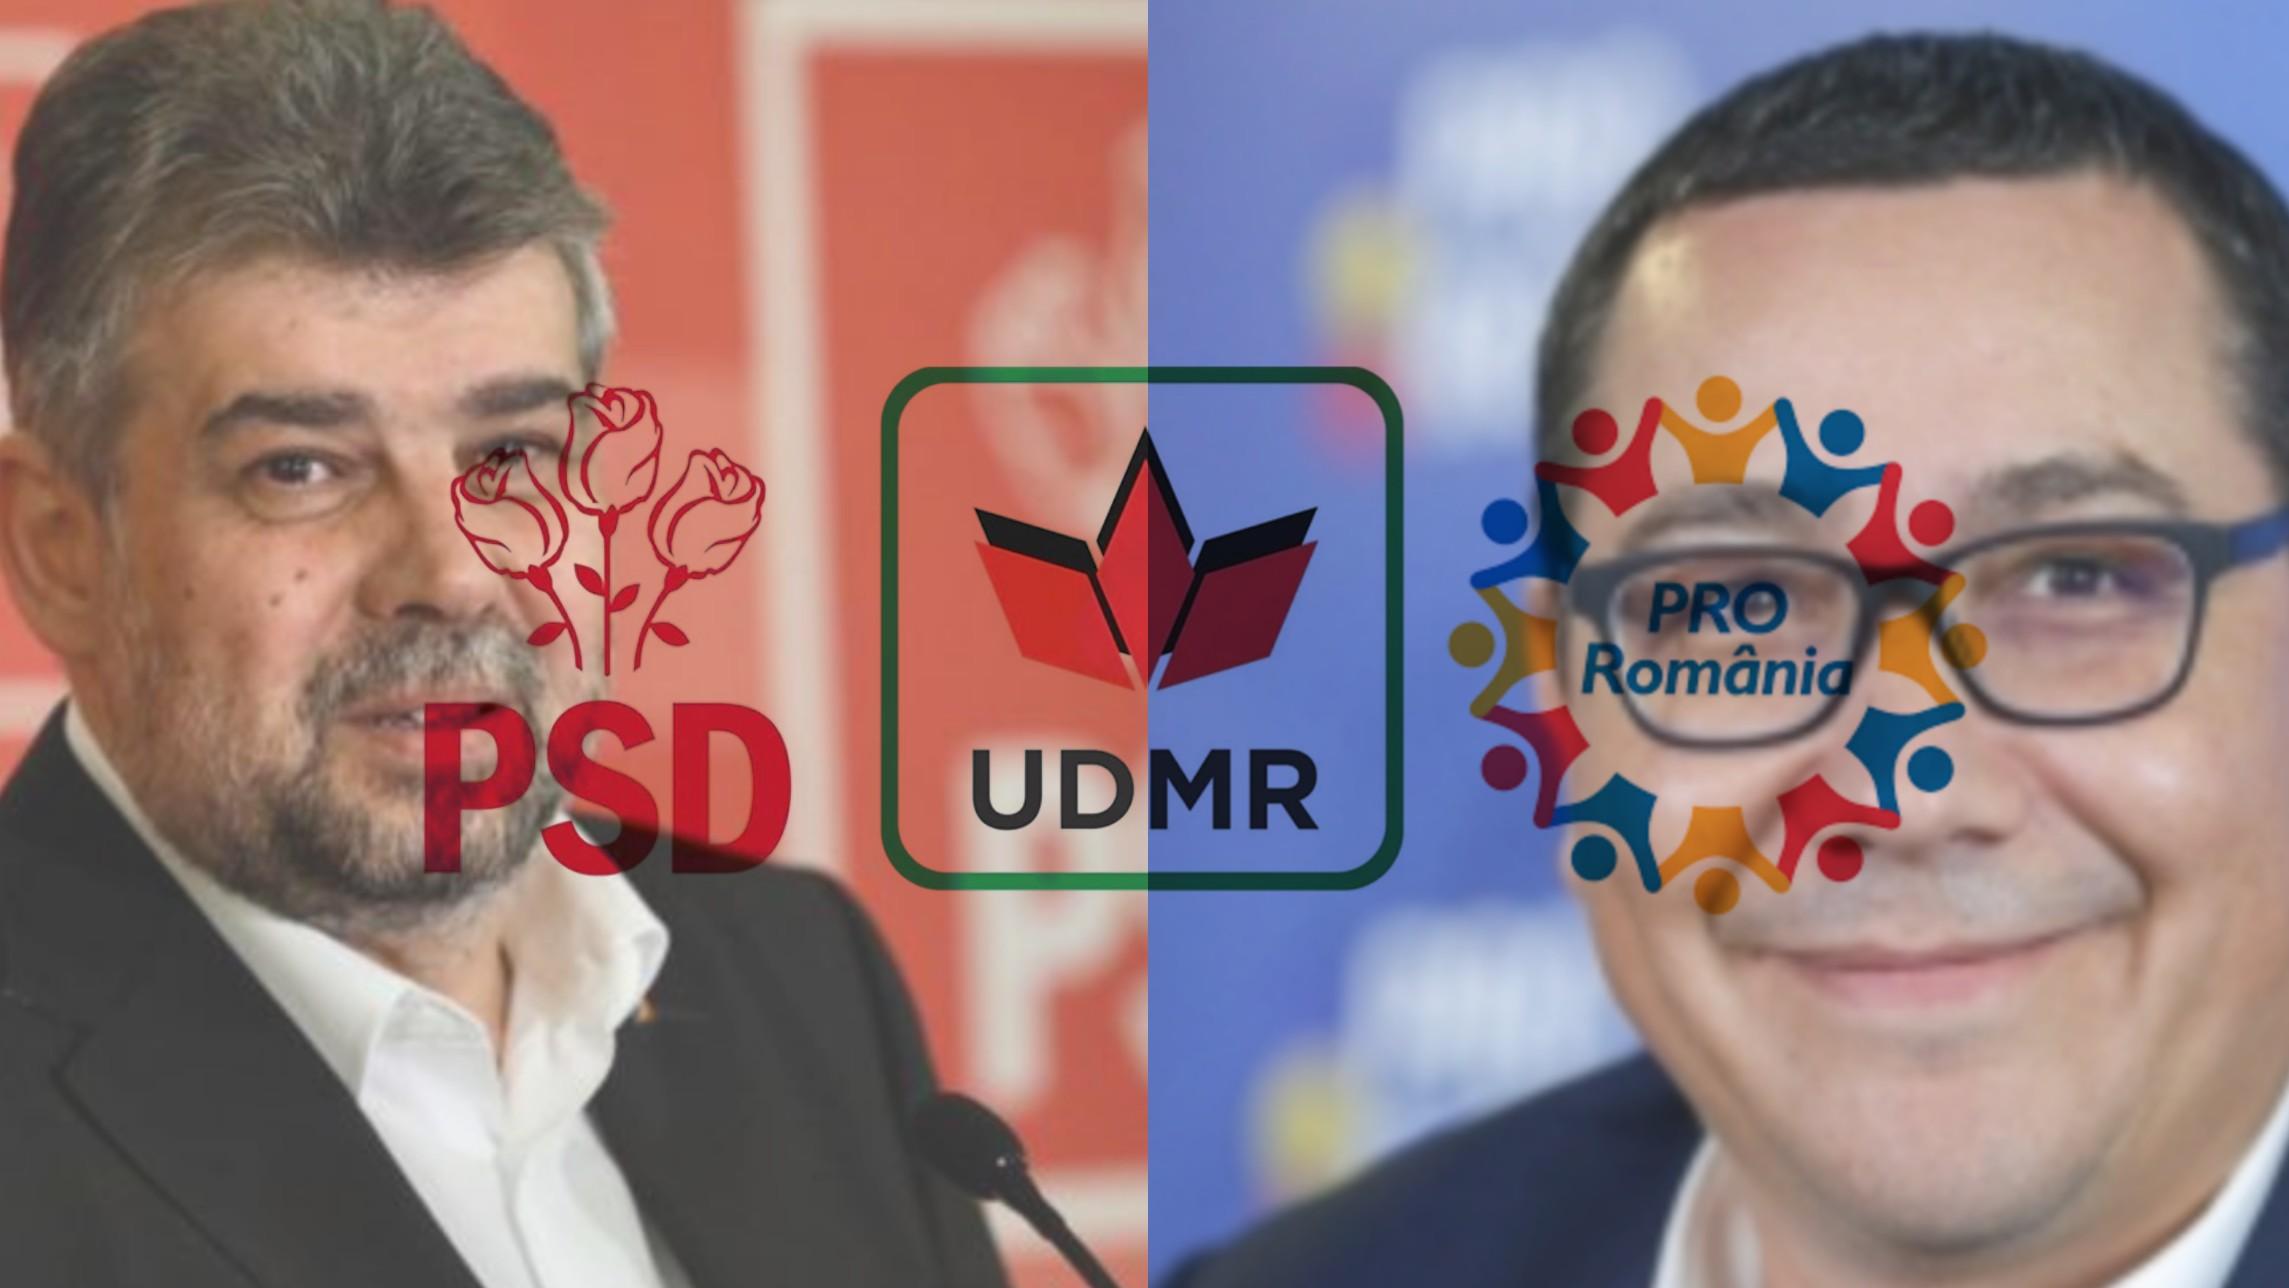 Ciolacu și Ponta susțin că nu știu cum a trecut Autonomia Tinutului Secuiesc de Camera Deputaților